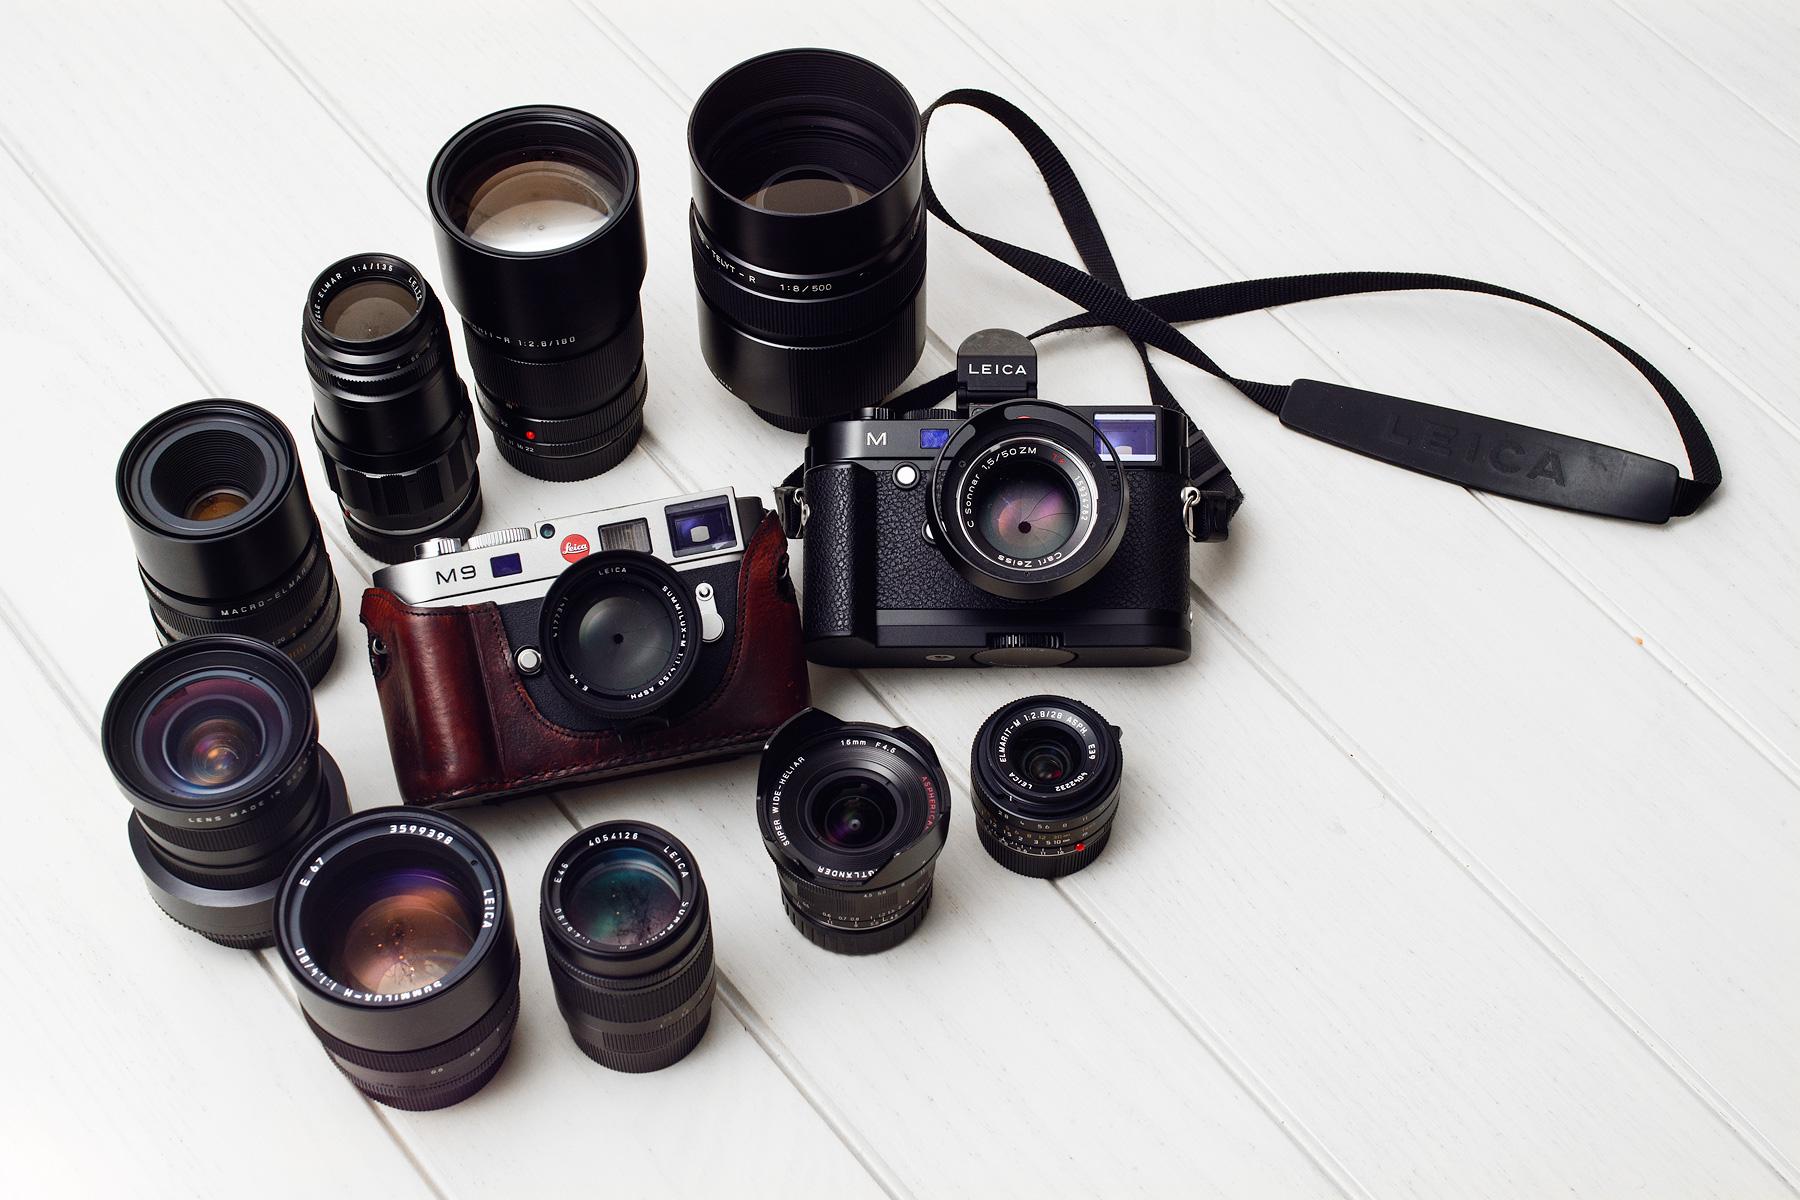 Camera porn shot taken with the D7100 + Voigtlander 40mm lens. Gorgeous.